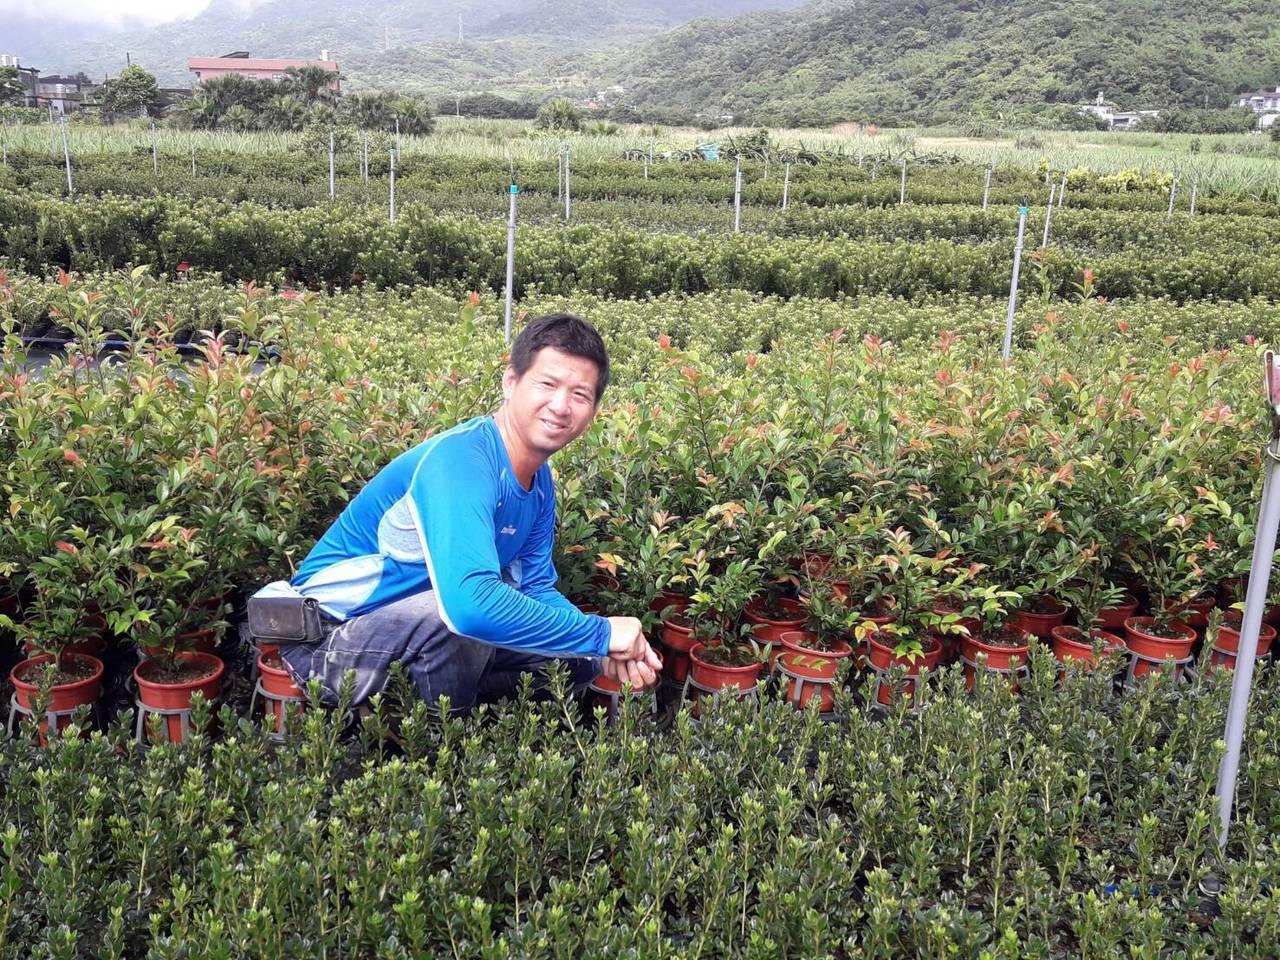 嚴慶榮回鄉接手杜鵑種植,考量存活率及管理效率,將原本裸根種植的方式改為盆花種植。...